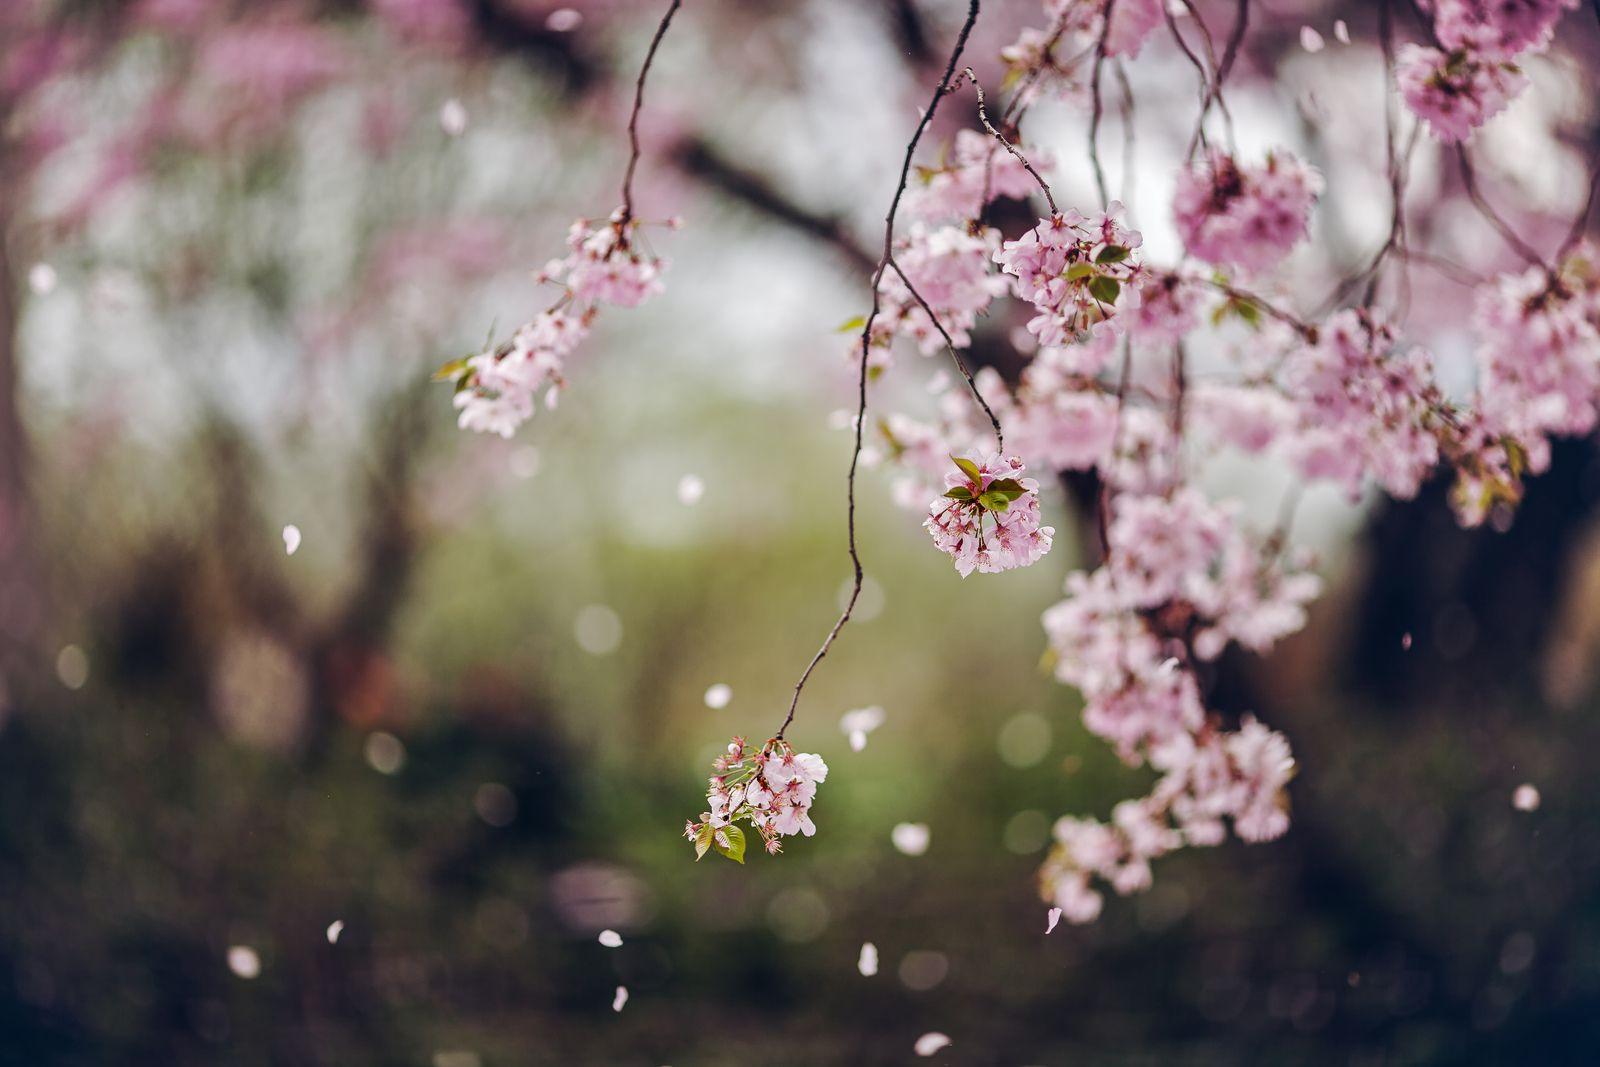 Falling Cherry Blossom Petals Blossom Trees Cherry Flower